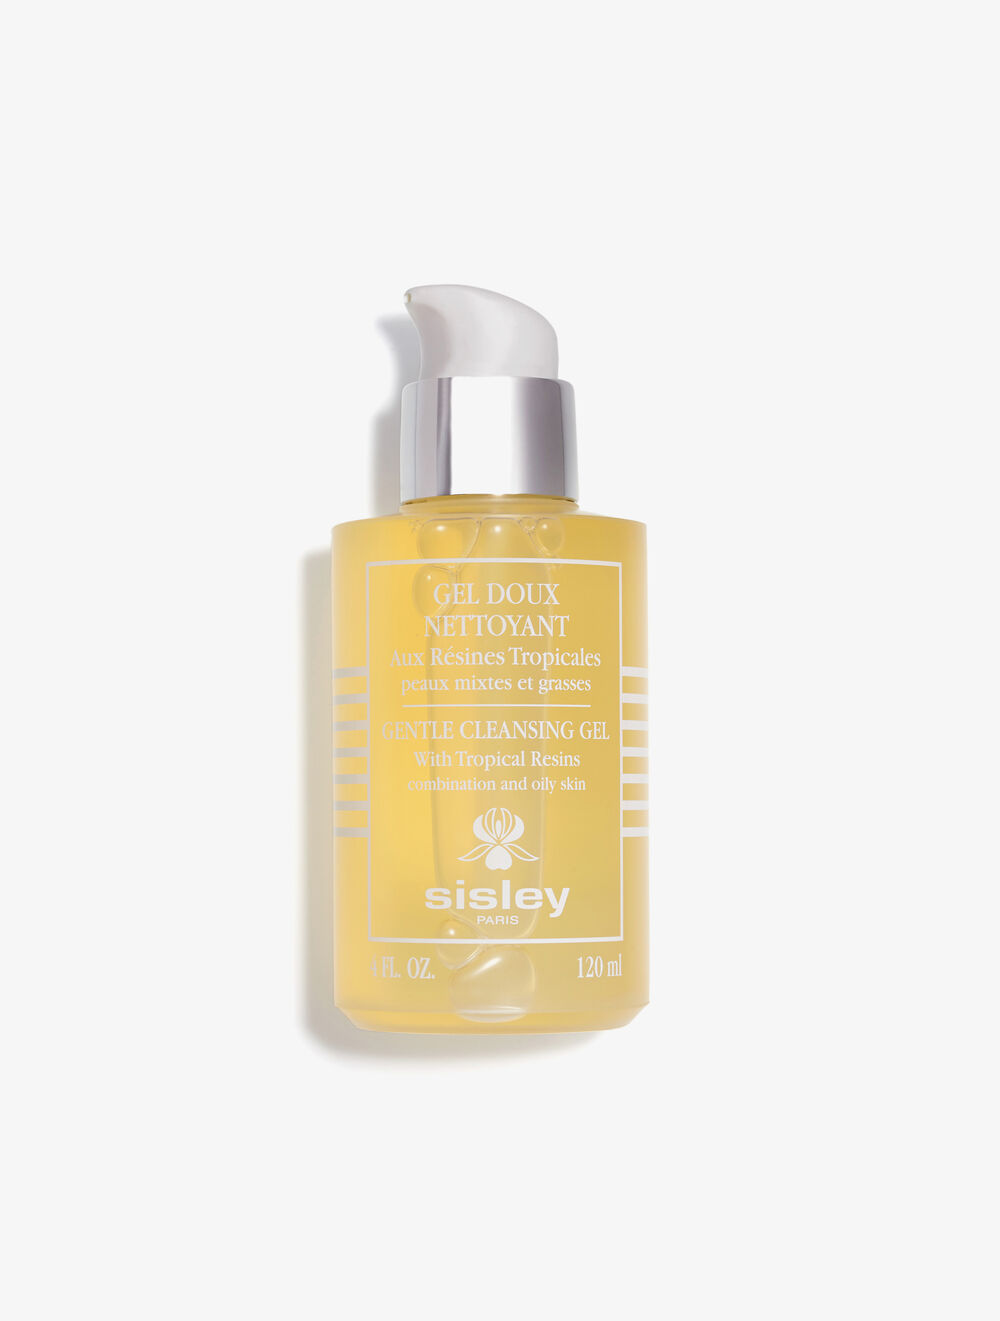 Sisley Gel Doux Nettoyant aux Résines Tropicales - Gentle Cleansing Gel